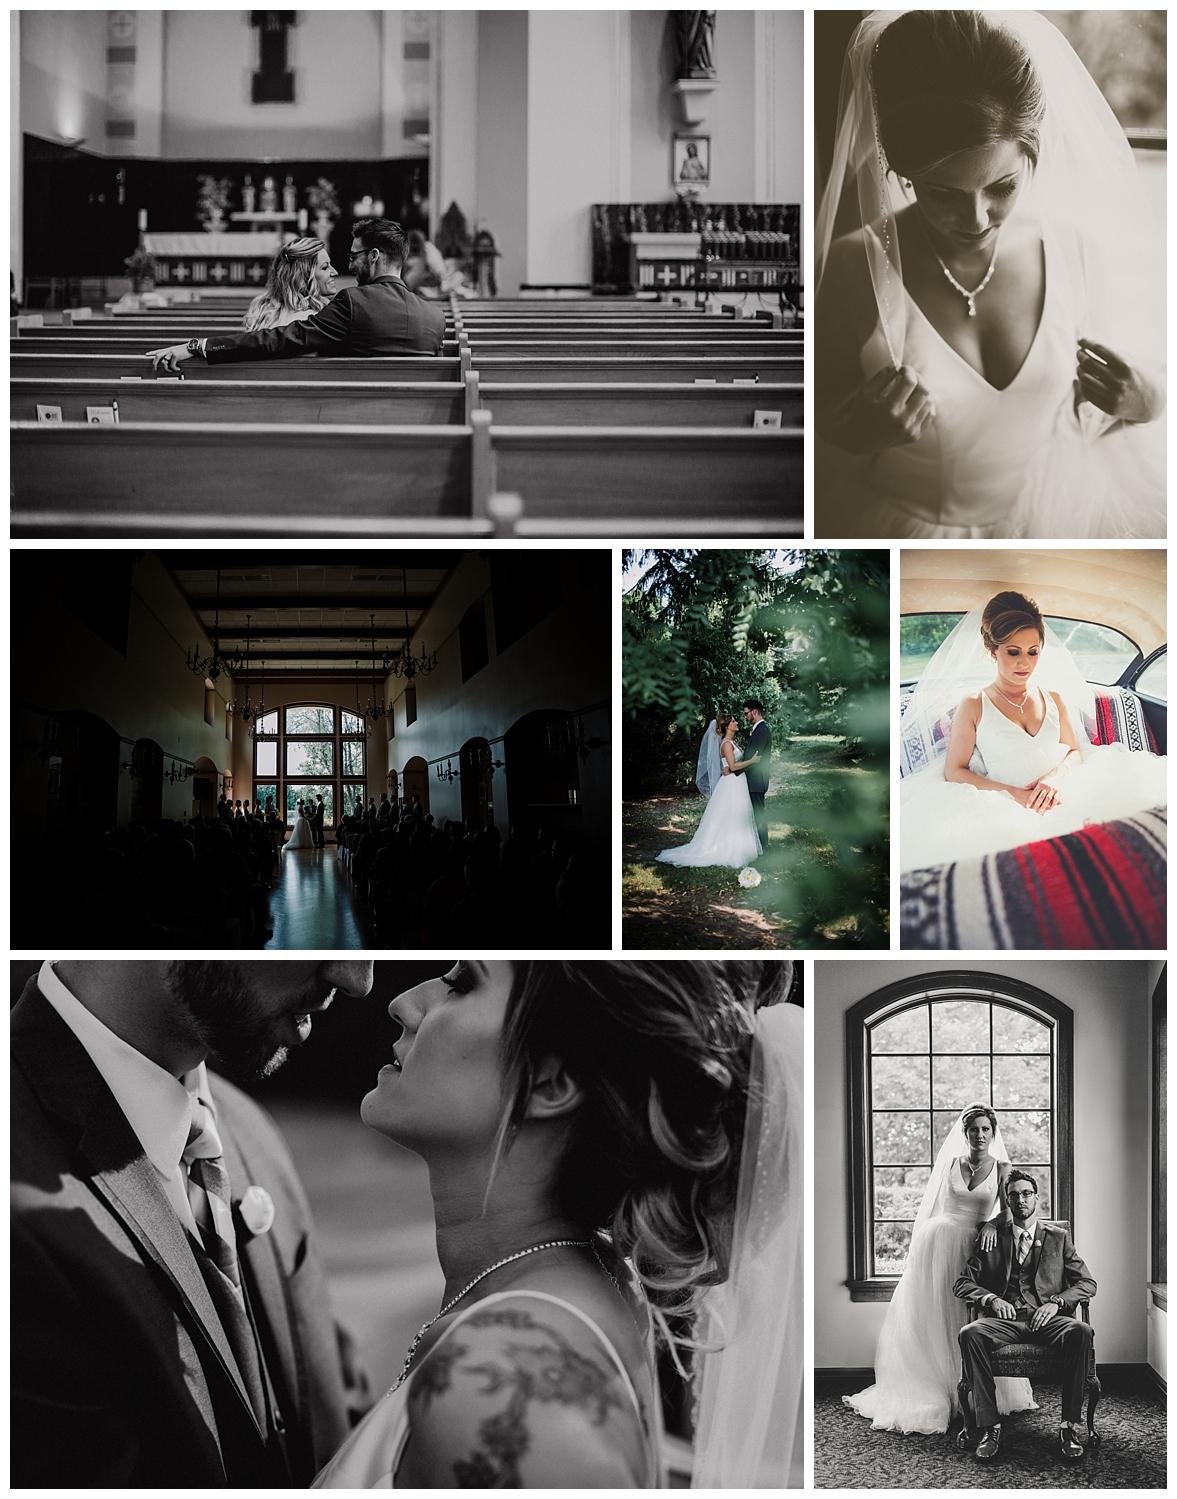 gewedding_0011.jpg